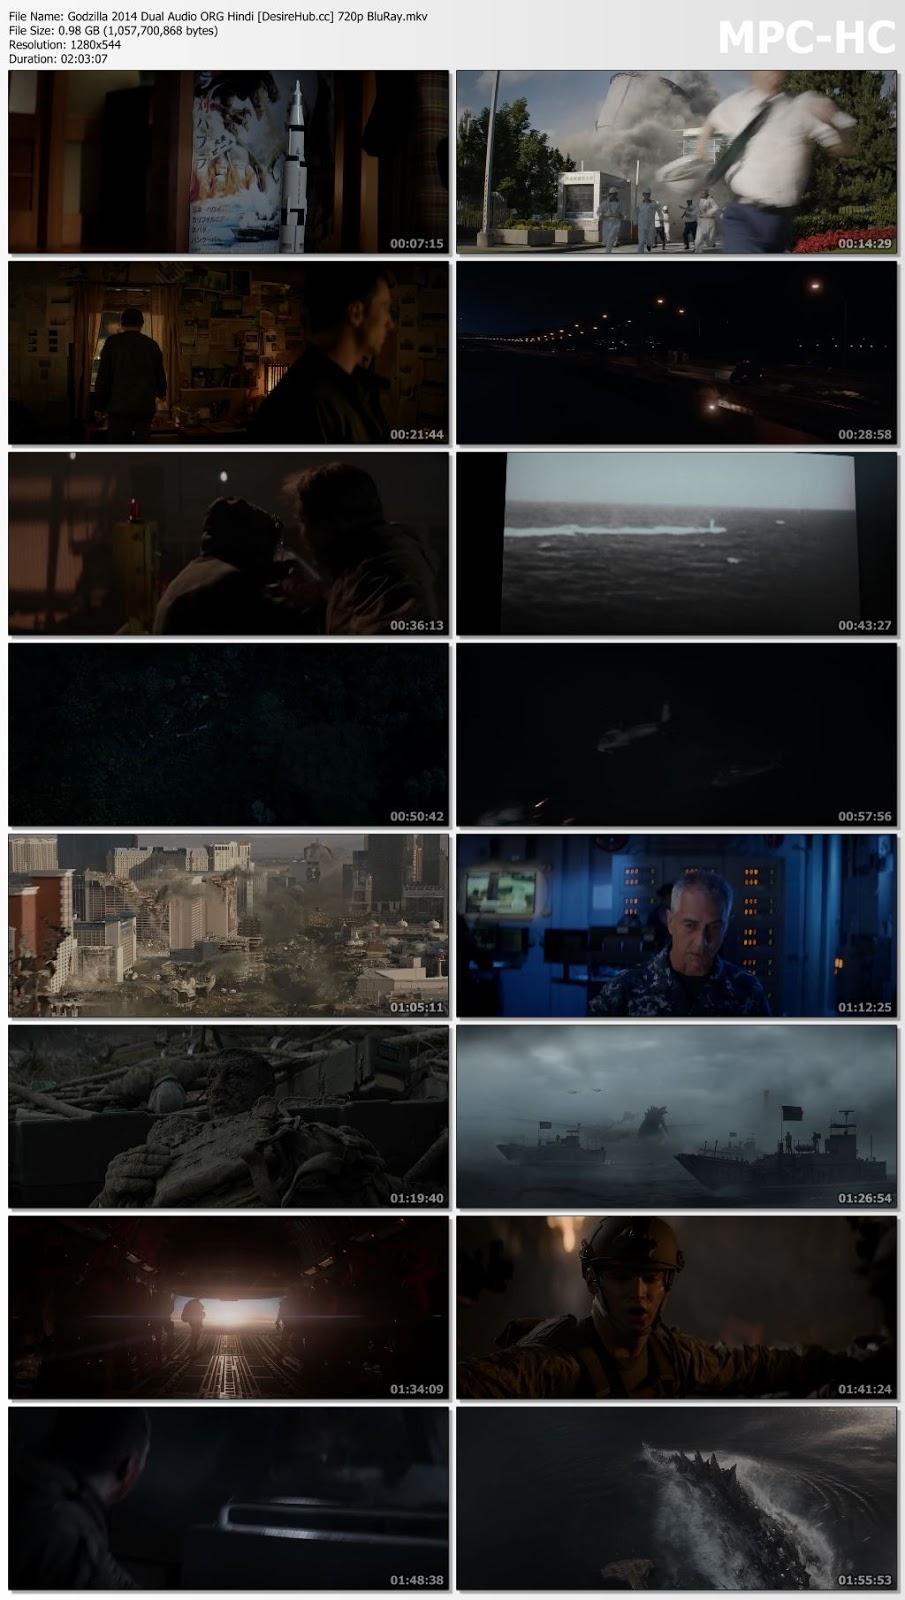 Godzilla 2014 Dual Audio ORG Hindi 720p BluRay 999mb Desirehub